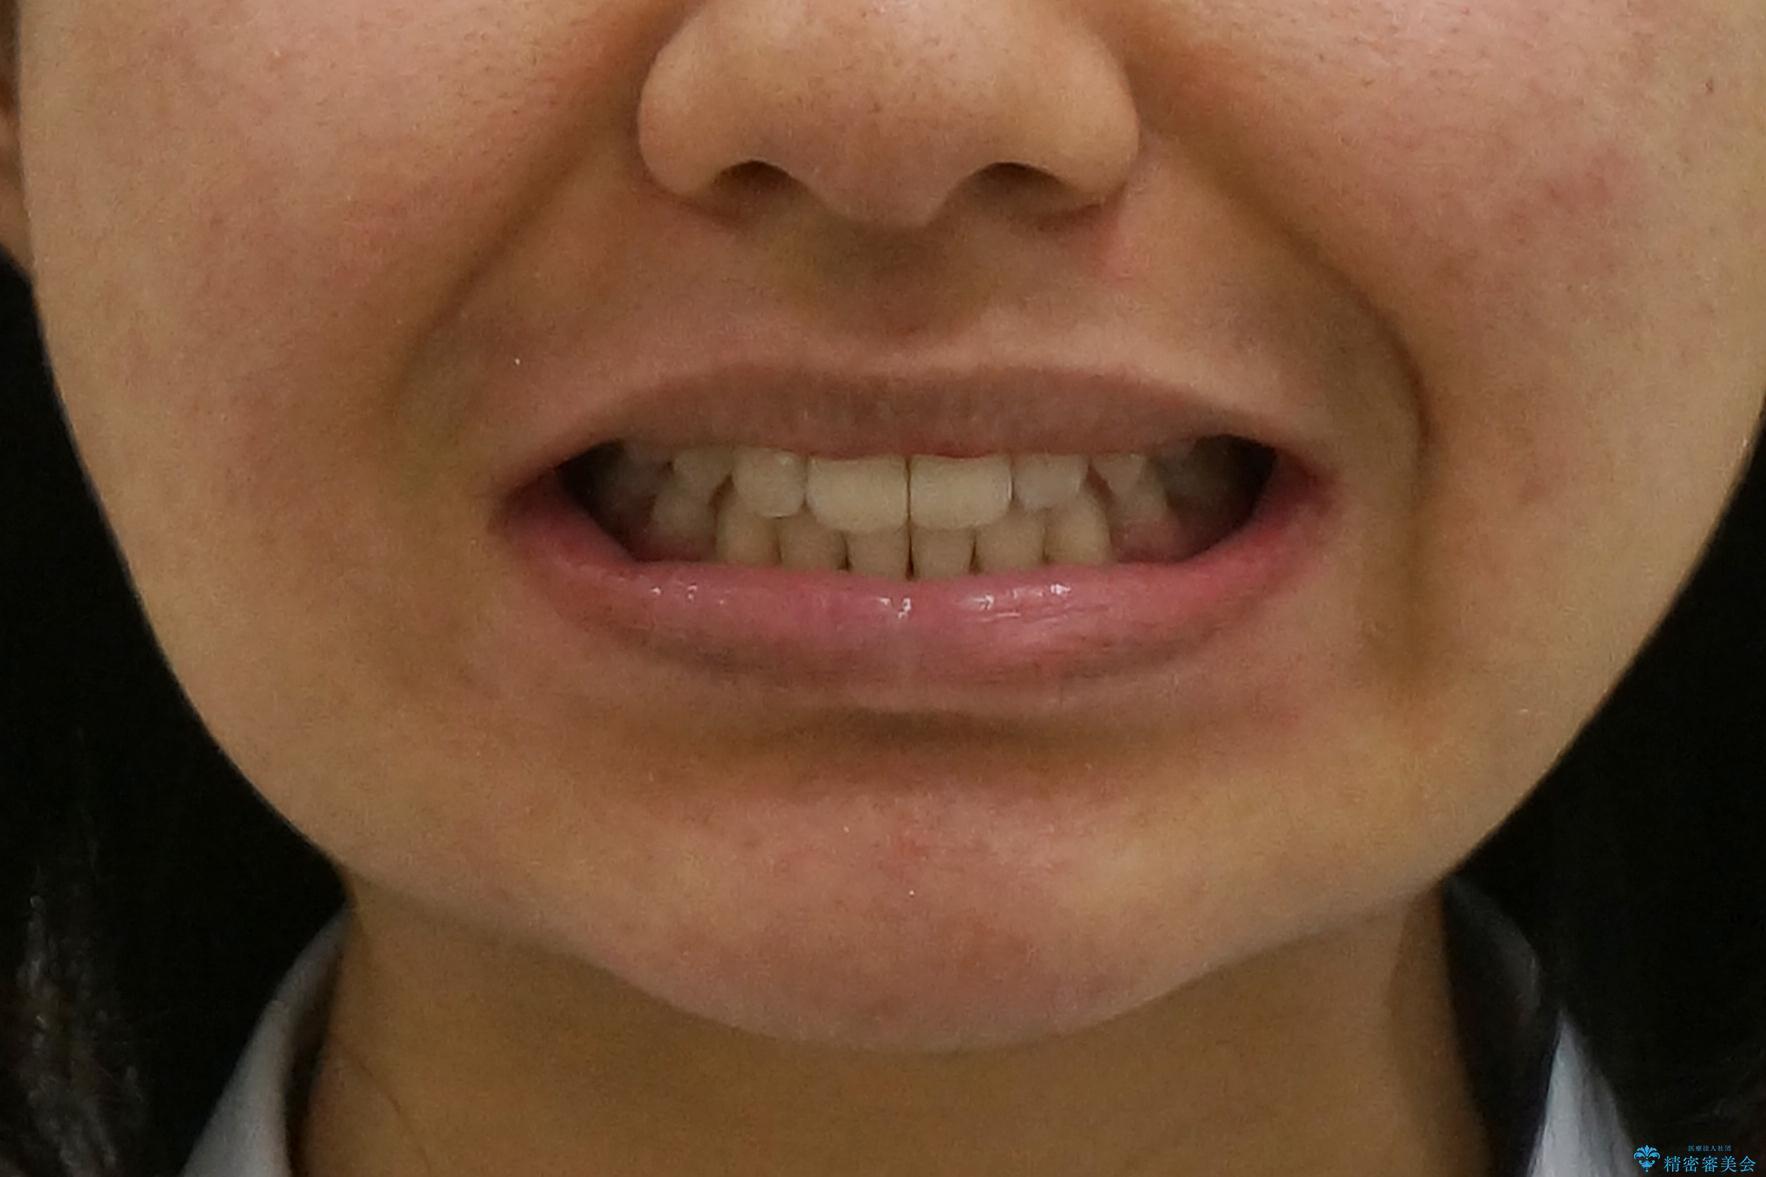 インビザラインチェンジで成功 インビザラインで八重歯の抜歯矯正の治療後(顔貌)